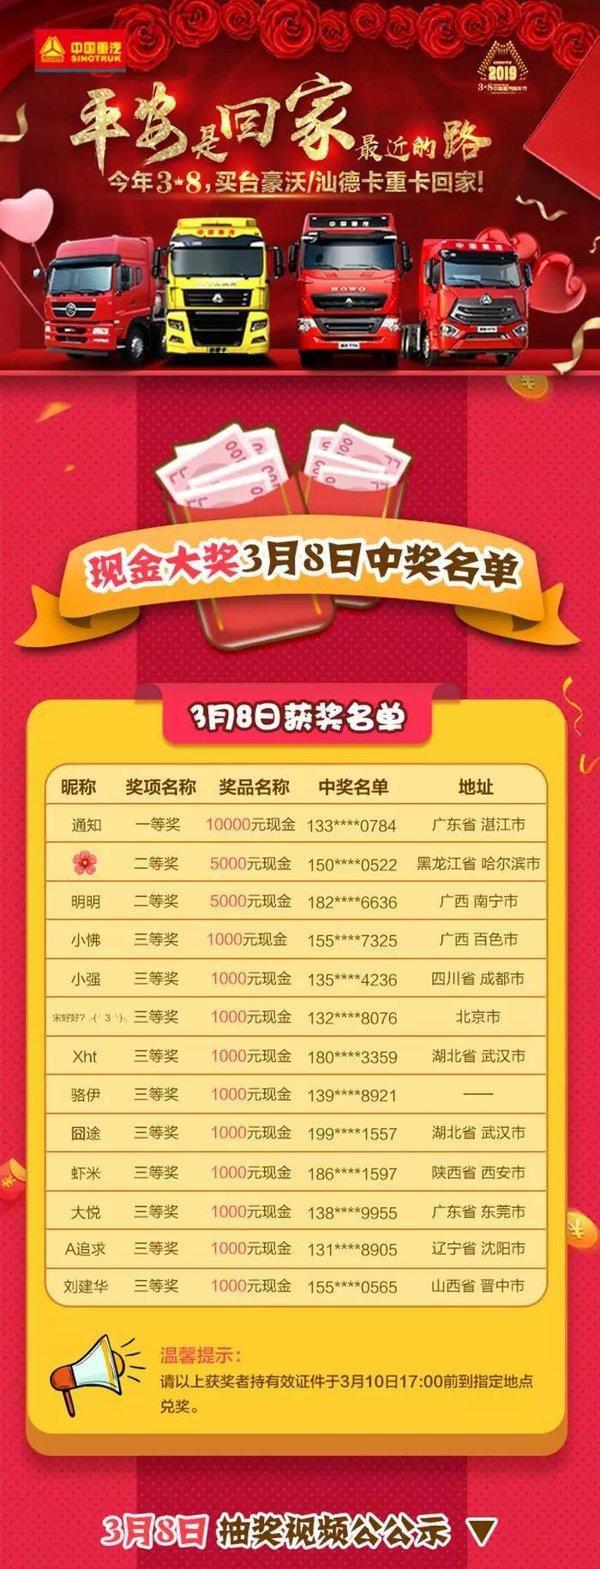 中国重汽三八购车节现金大奖中奖公示